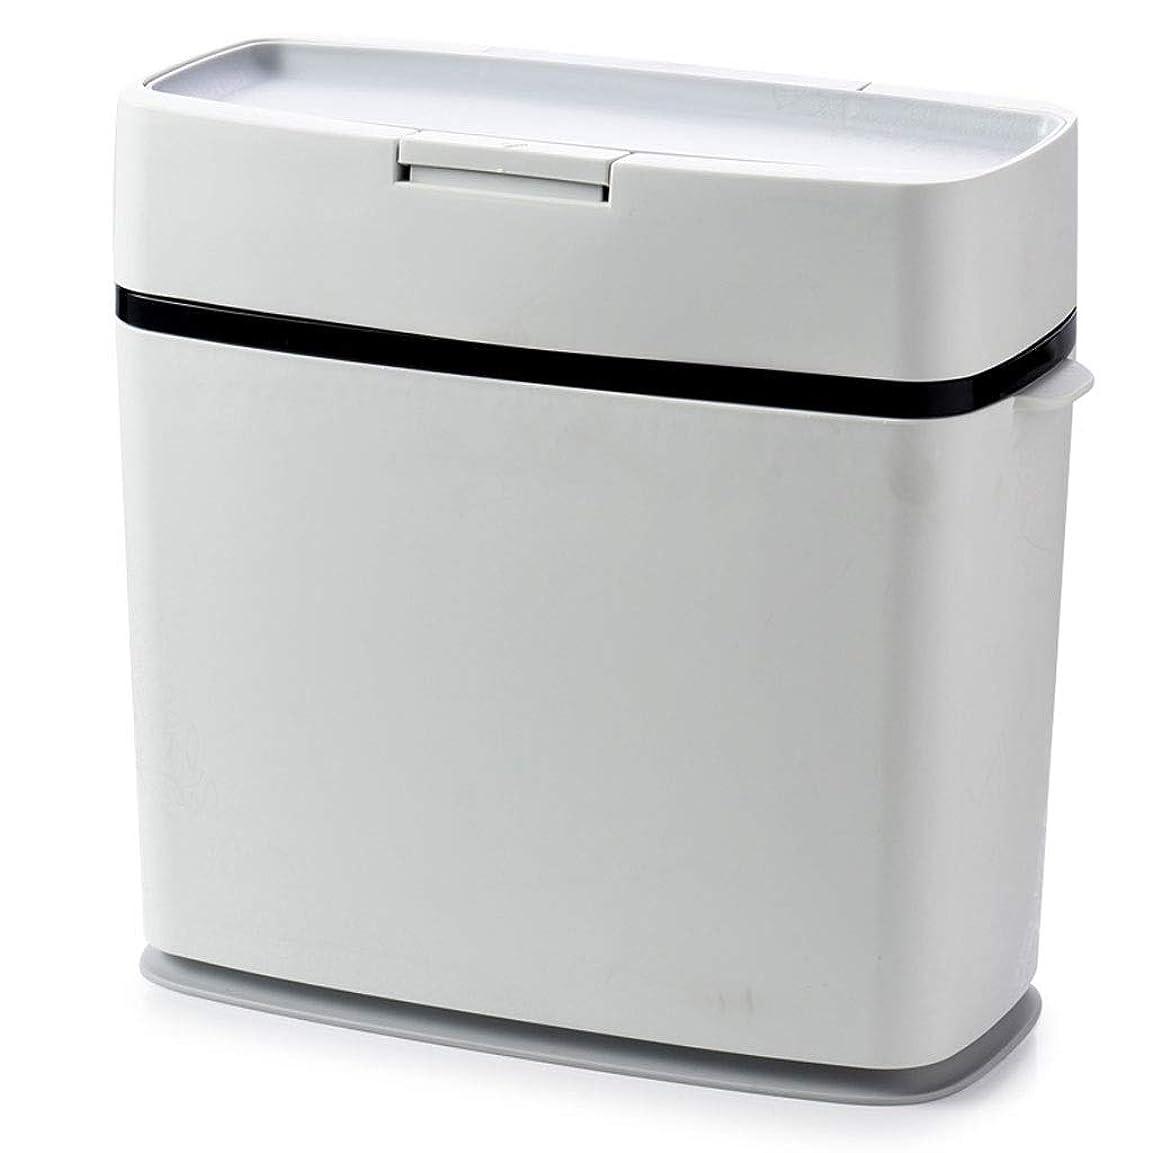 マイコン自由確立創造的なゴミは、タイプ、ふたのゴミ、16.5 * 36.5 * 33 cmと大きい家の居間の浴室のトイレのゴミ箱を押すことができます。 (Color : Black)